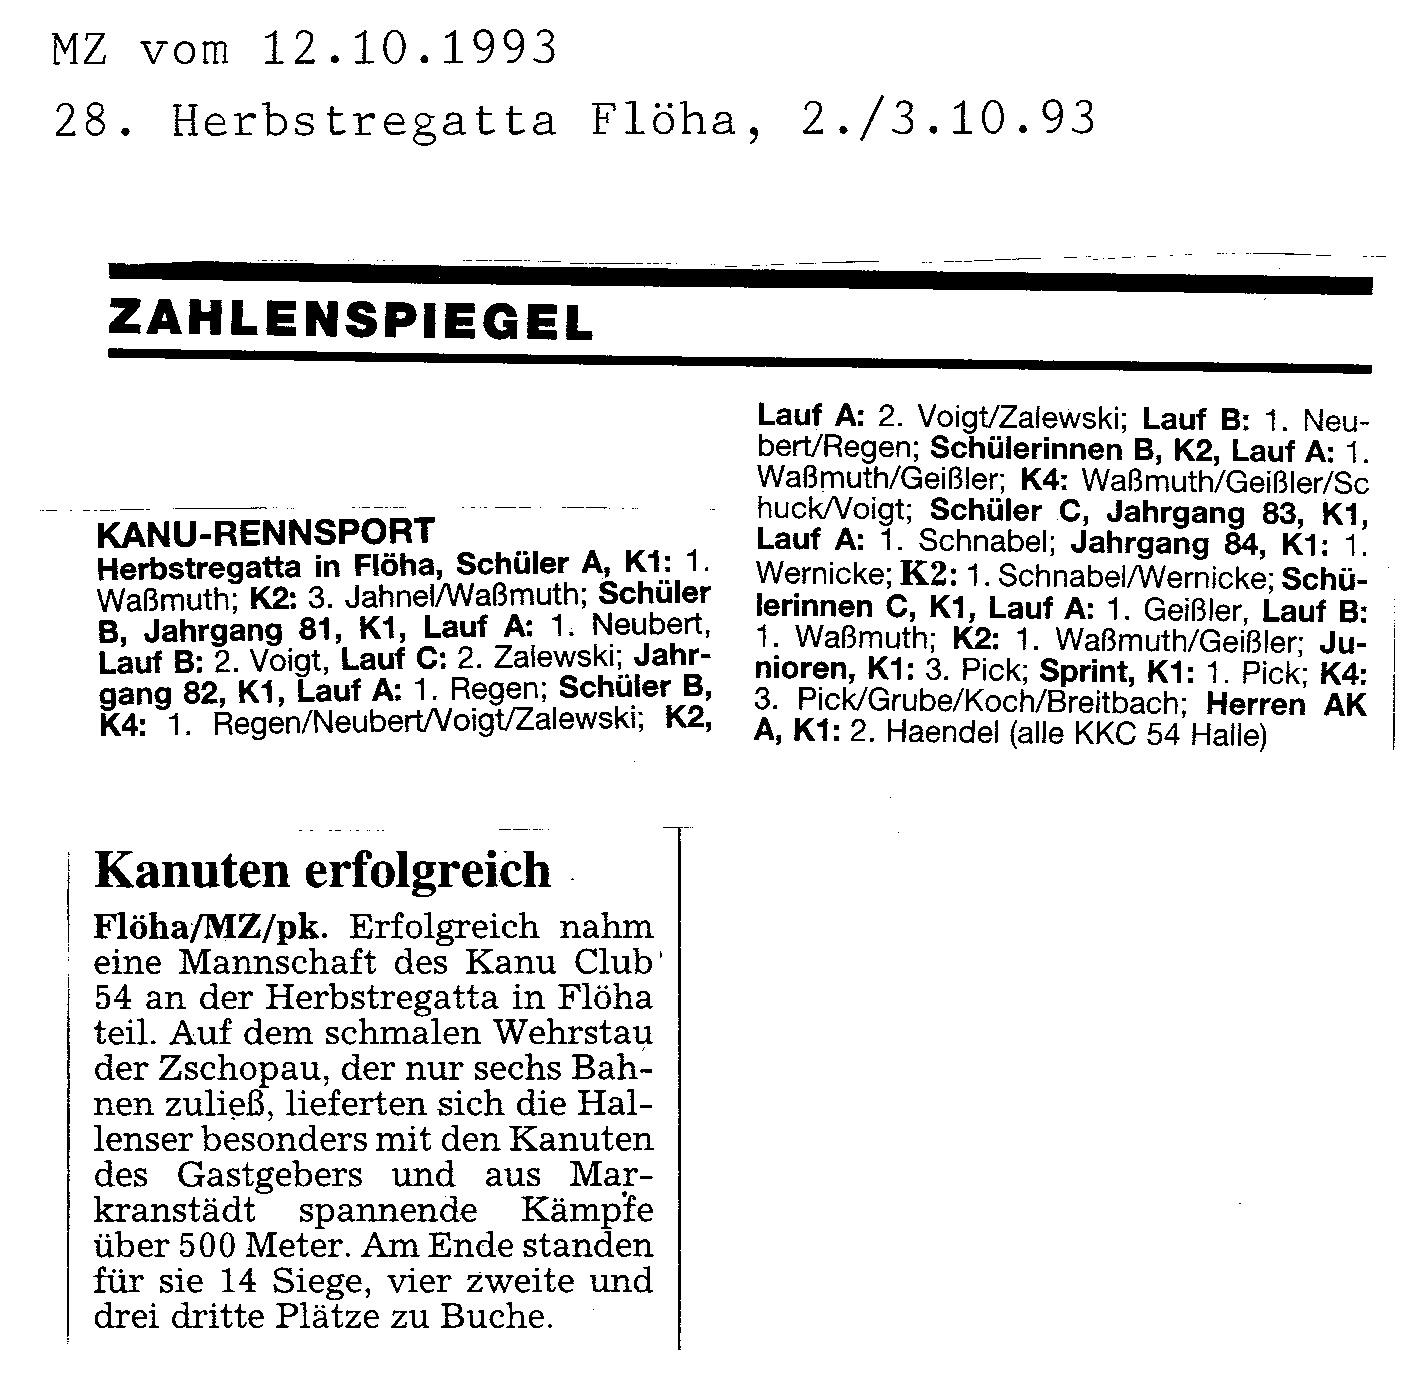 1993-10-03 MZ Kanuten erfolgreich, Flöha